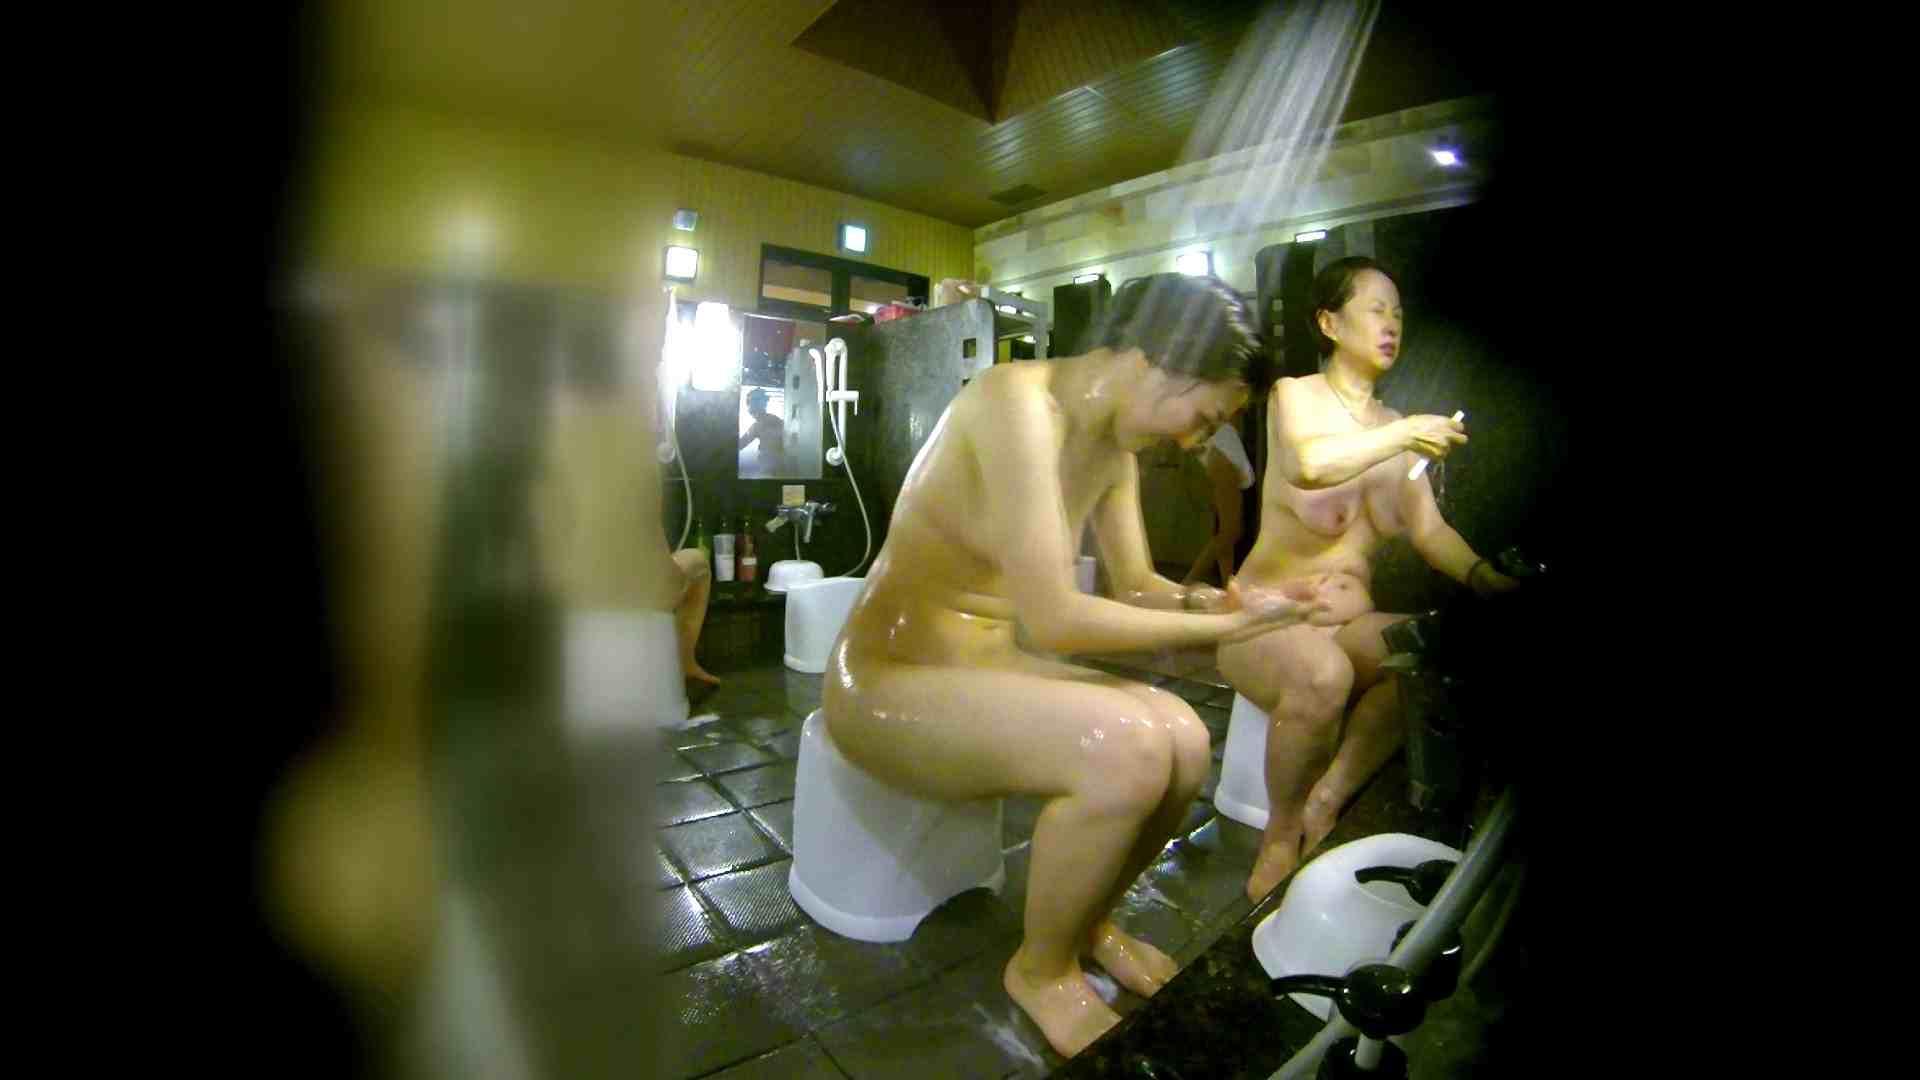 洗い場!右足の位置がいいですね。陰毛もっさり! 女湯 ワレメ無修正動画無料 111画像 55